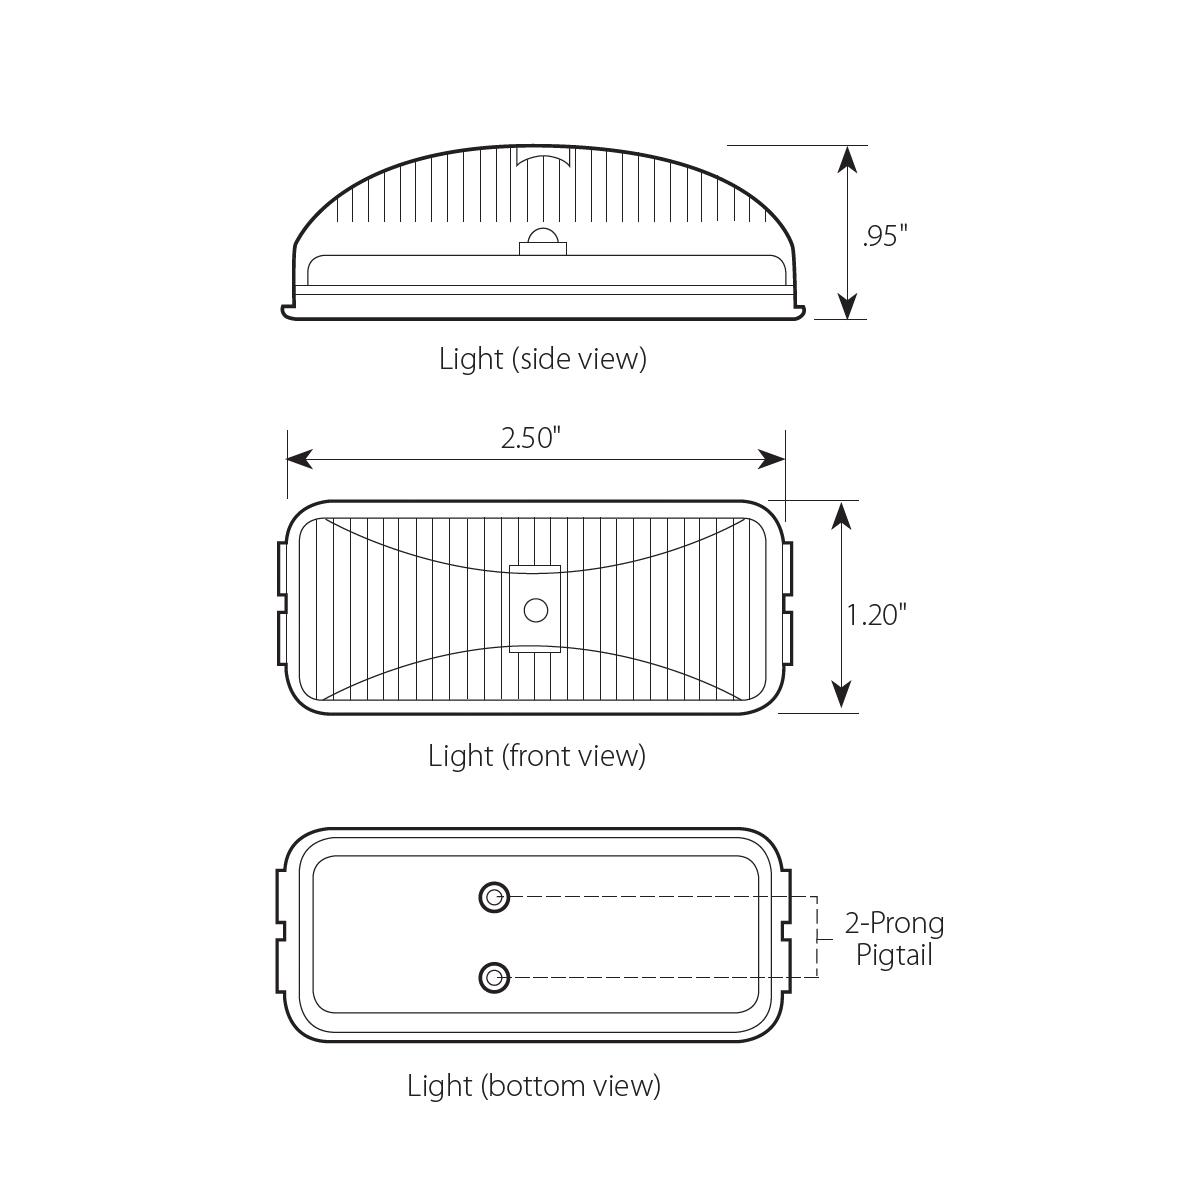 Small Rectangular Fleet LED Marker Light